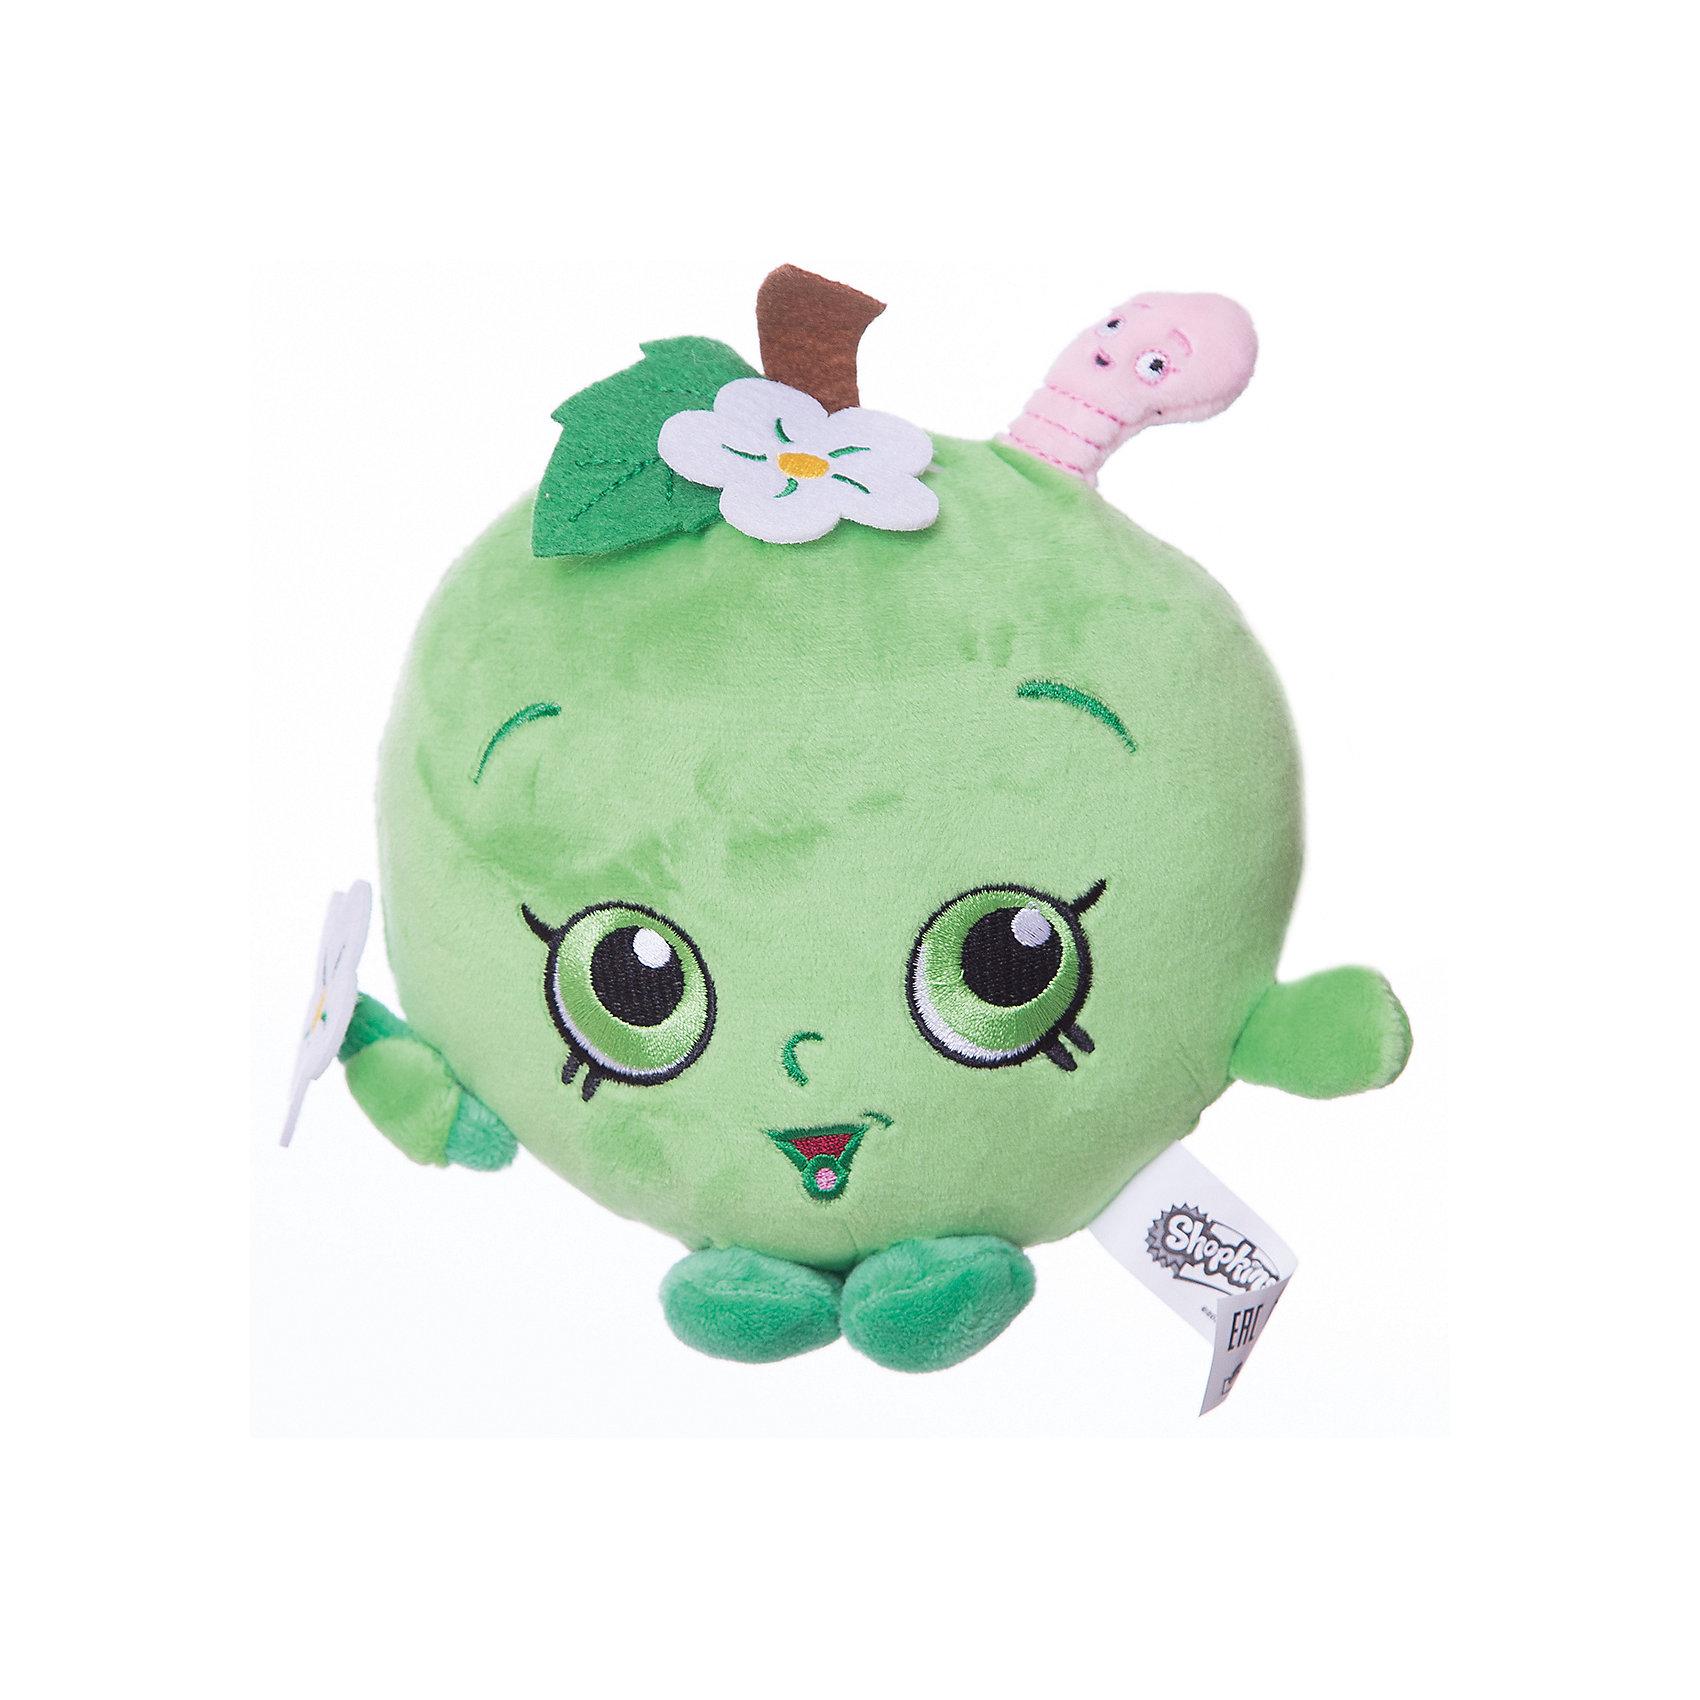 Мягкая игрушка Яблочко Фло, 20см, ShopkinsShopkins<br>Характеристики:<br><br>• размер игрушки: 20 см;<br>• материал: плюш;<br>• наполнитель: синтепон;<br>• декоративные элементы: вышивка;<br>• упаковка: ПВХ-пакет.<br><br>Плюшевая коллекционная игрушка Шопкинс создана по мотивам мультсериала для детей. Яблочко Фло с ручками и ножками - персонаж Shopkins. Личико игрушки - вышивка-аппликация, тельце мягконабивное, мягкая игрушка приятная на ощупь. В процессе игры развивается воображение, речь, тактильное восприятие.<br><br>Мягкую игрушку Яблочко Фло, 20см, Shopkins можно купить в нашем магазине.<br><br>Ширина мм: 155<br>Глубина мм: 155<br>Высота мм: 70<br>Вес г: 80<br>Возраст от месяцев: 36<br>Возраст до месяцев: 2147483647<br>Пол: Унисекс<br>Возраст: Детский<br>SKU: 5247686